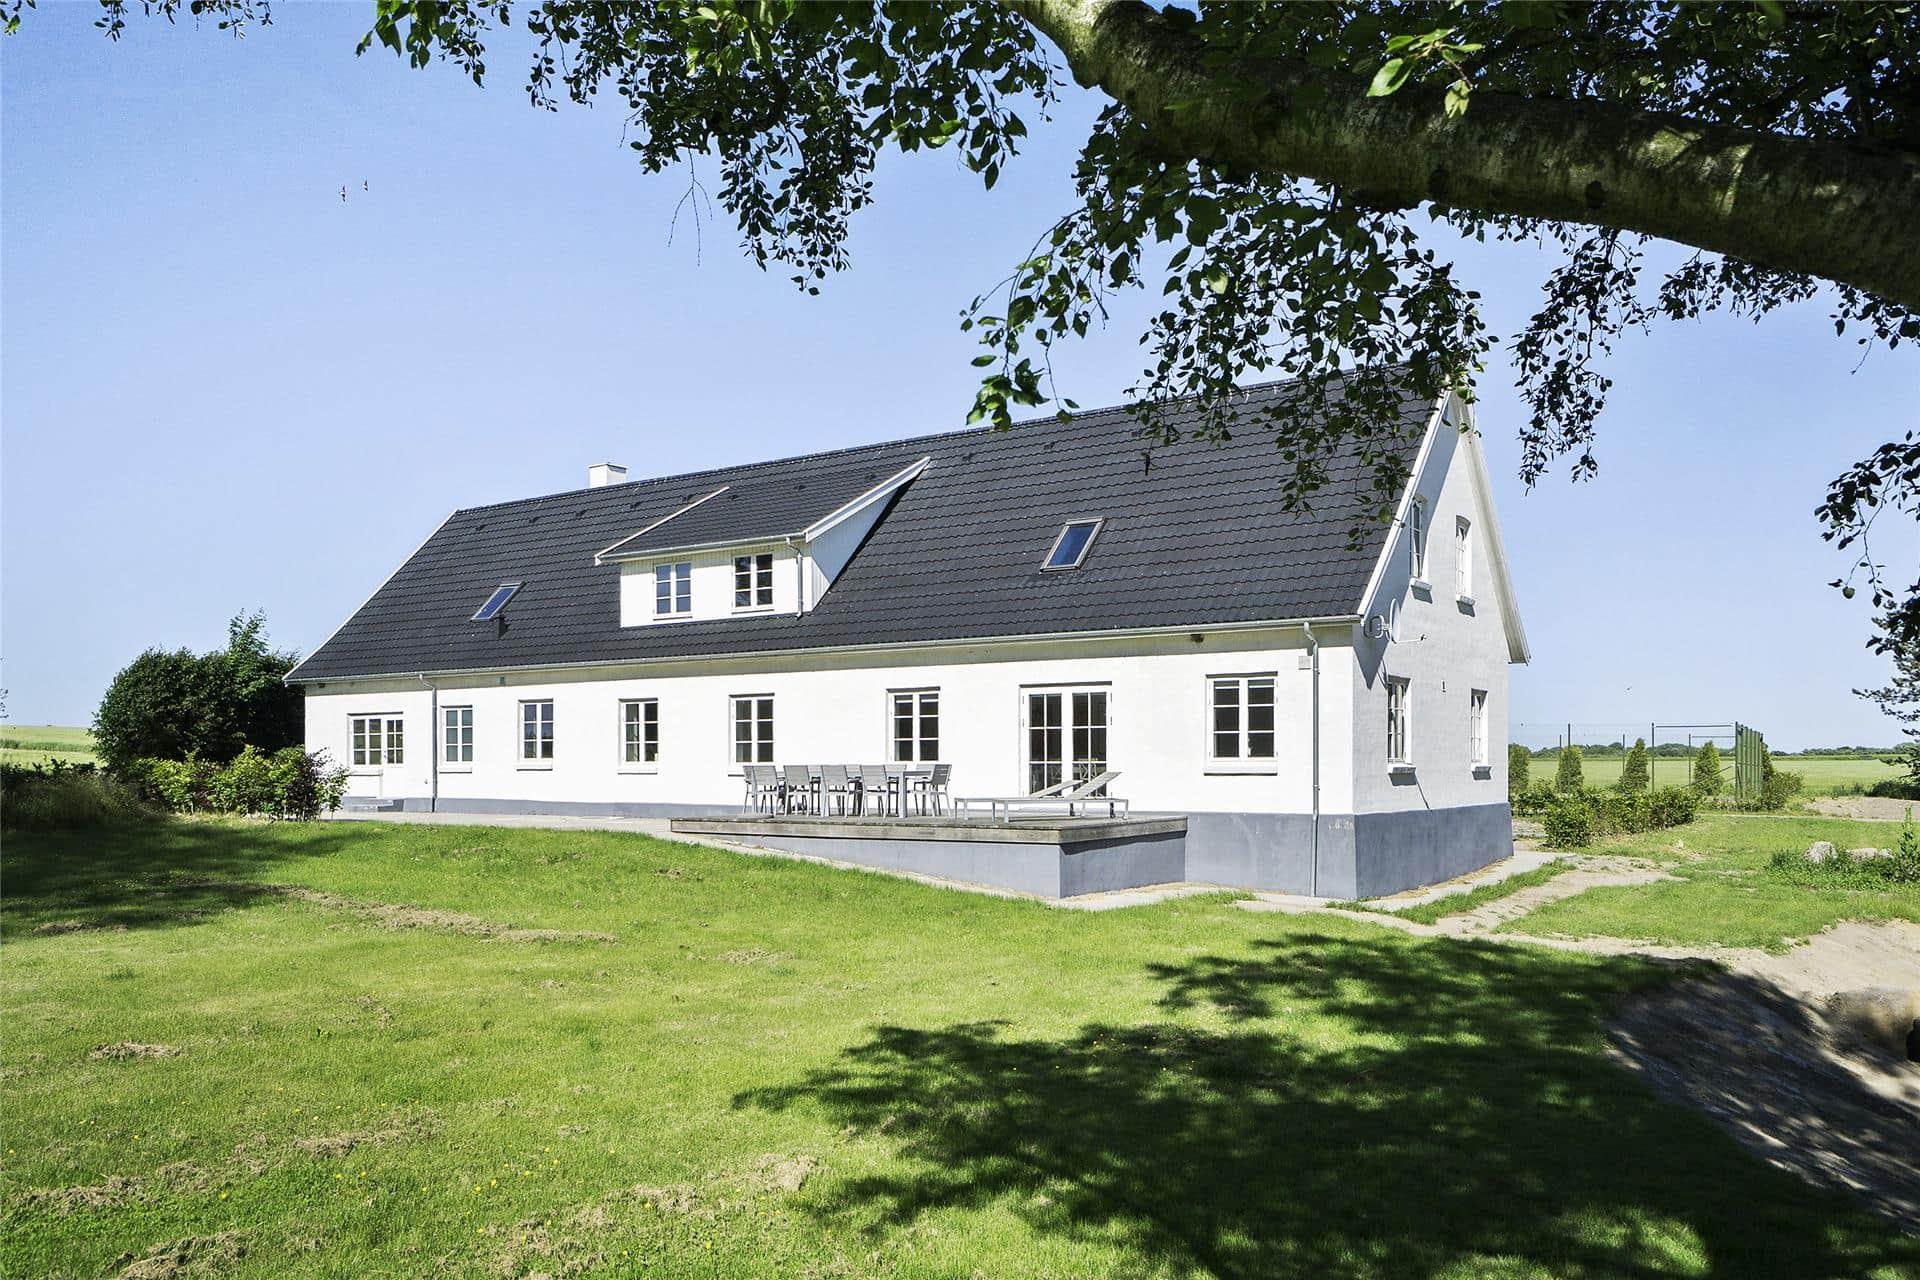 Bilde 1-10 Feirehus 4703, Søndre Landevej 124, DK - 3720 Aakirkeby